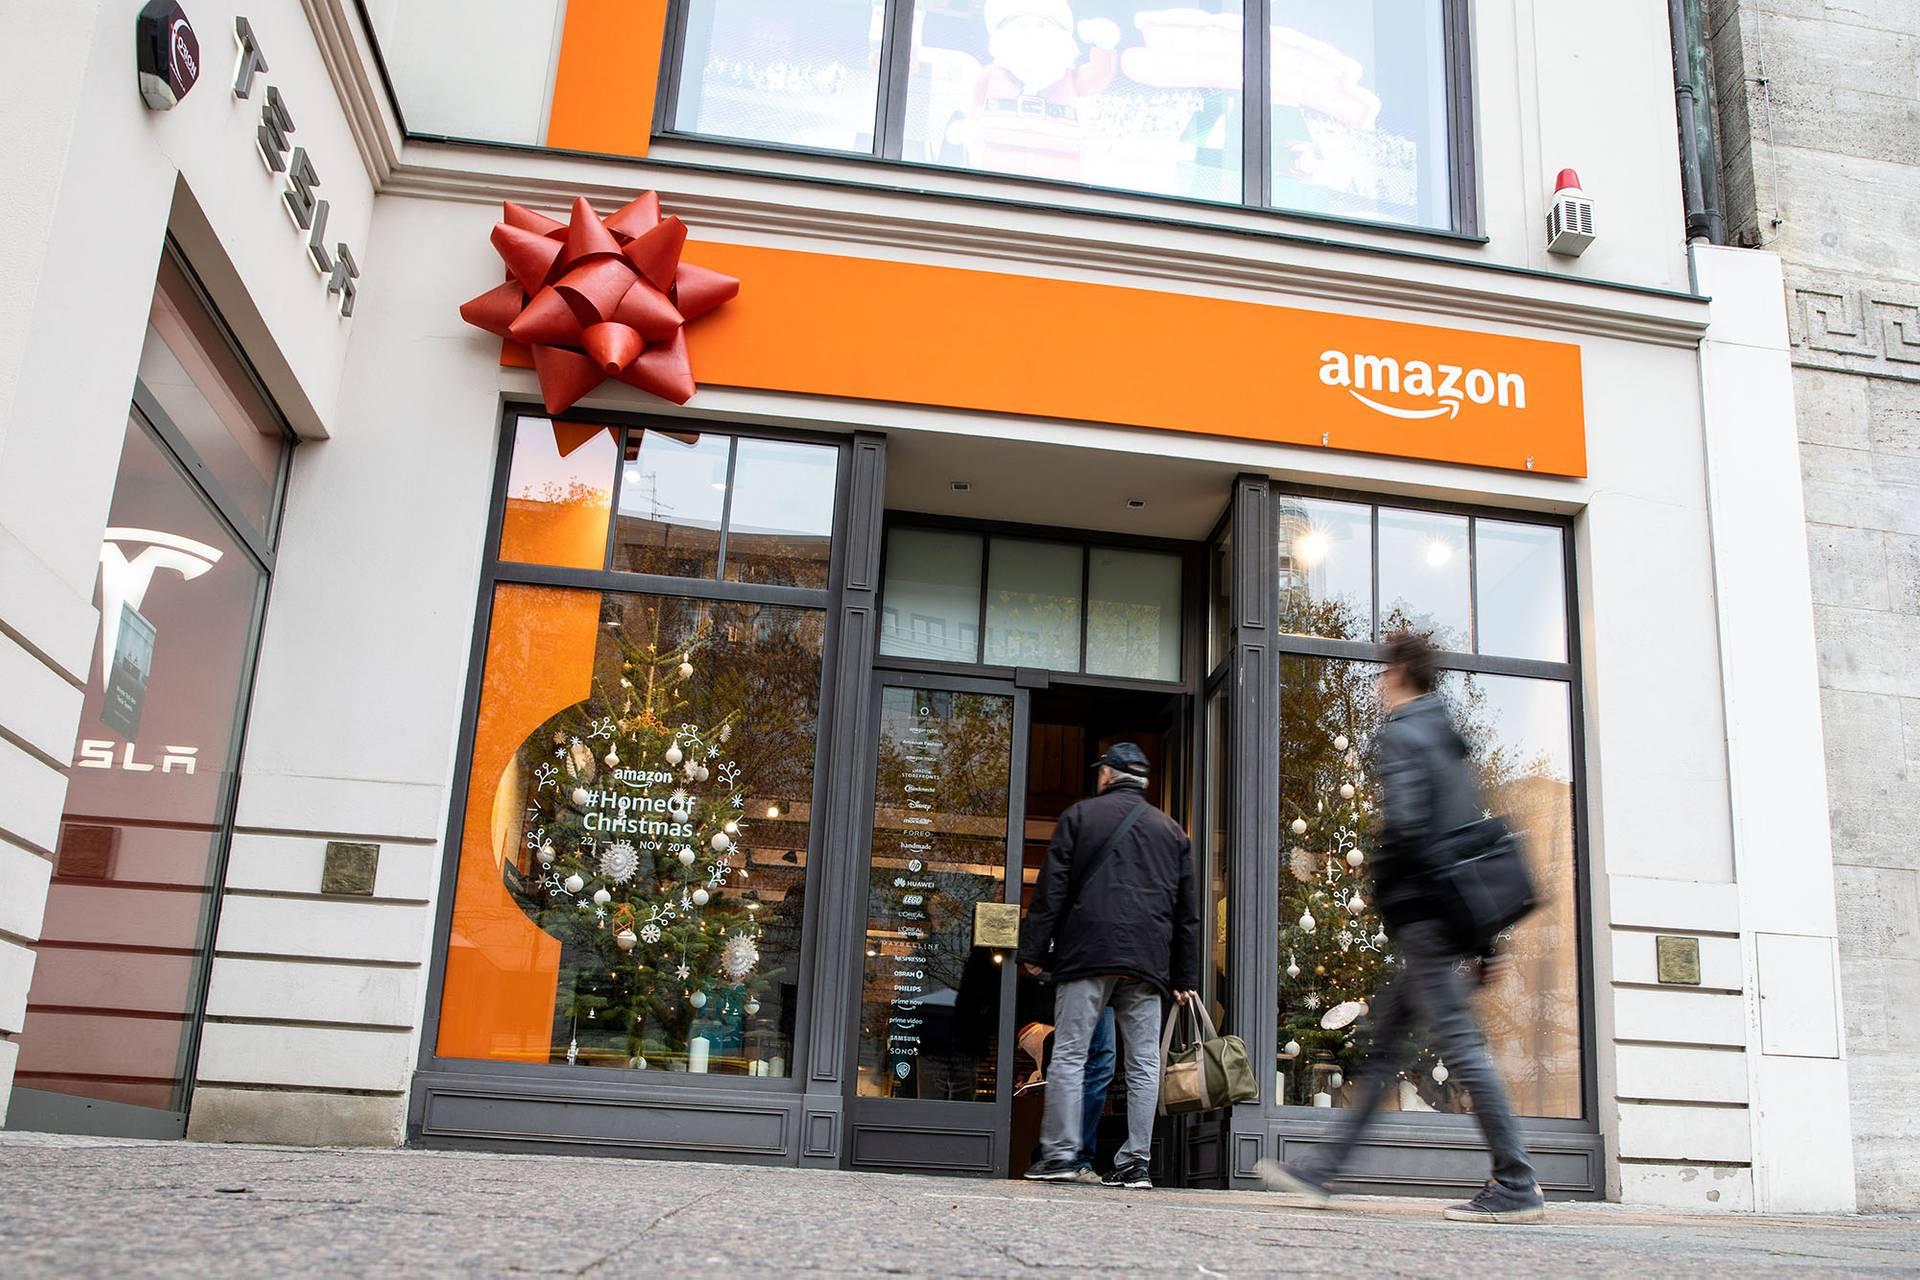 Amazon, за даними розслідувачів New York Times, отримав доступ до контактної інформації про користувачів Facebookчерез їхніх друзів (на фото — люди заходять до сезонного магазину Amazon у центральному торговому центрі в Берліні, Німеччина, 22 листопада 2018 року)